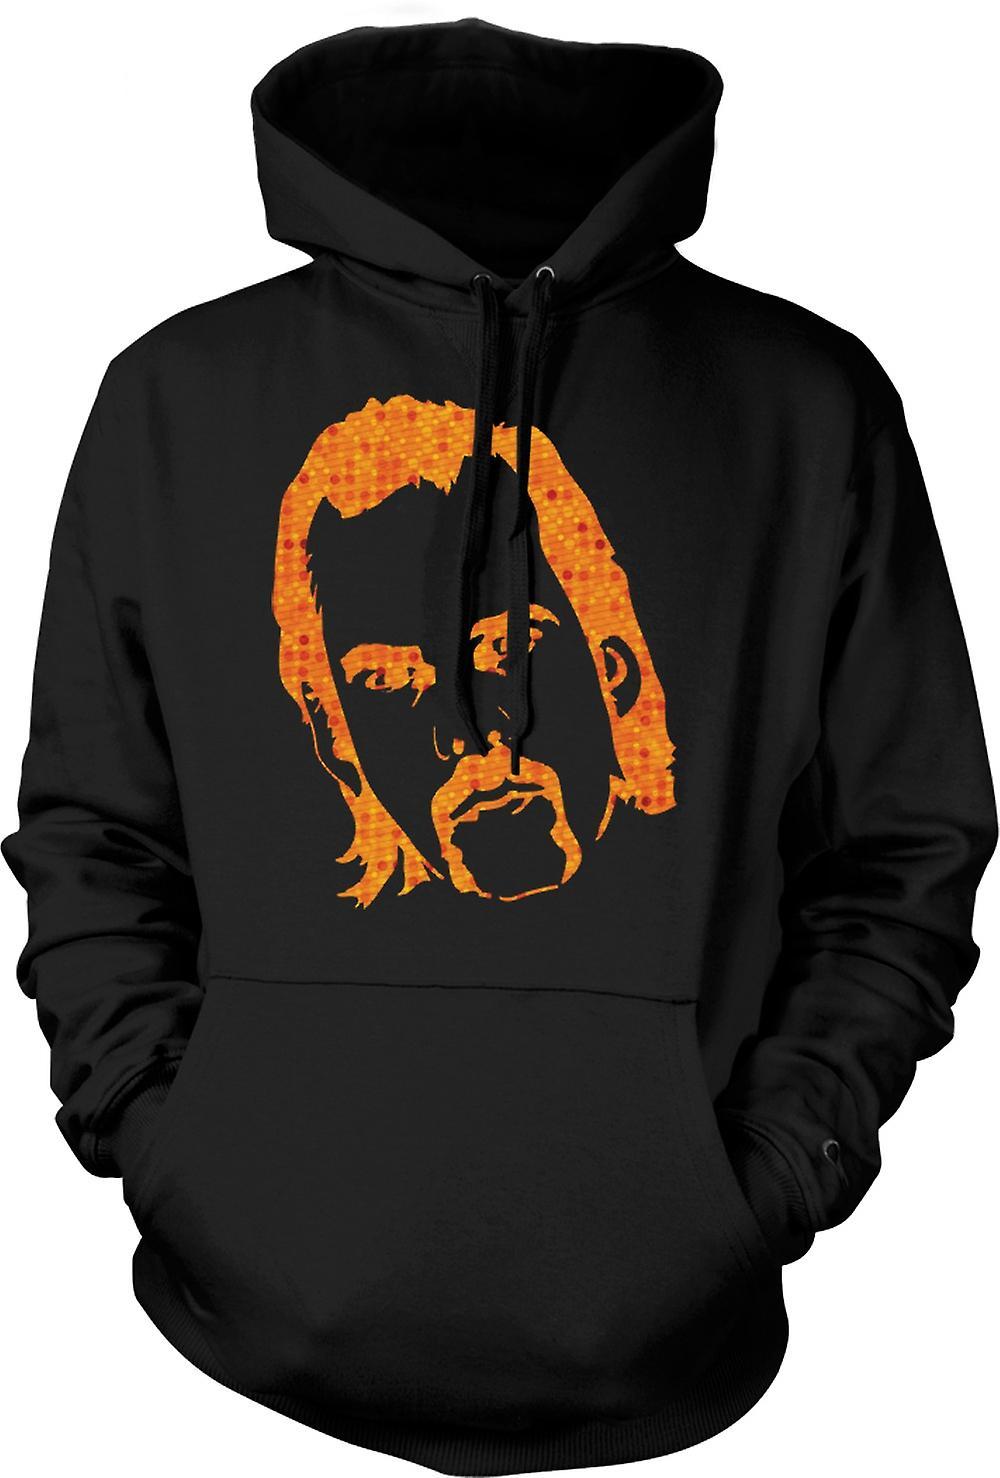 Mens Hoodie - Nick Cave Portrait